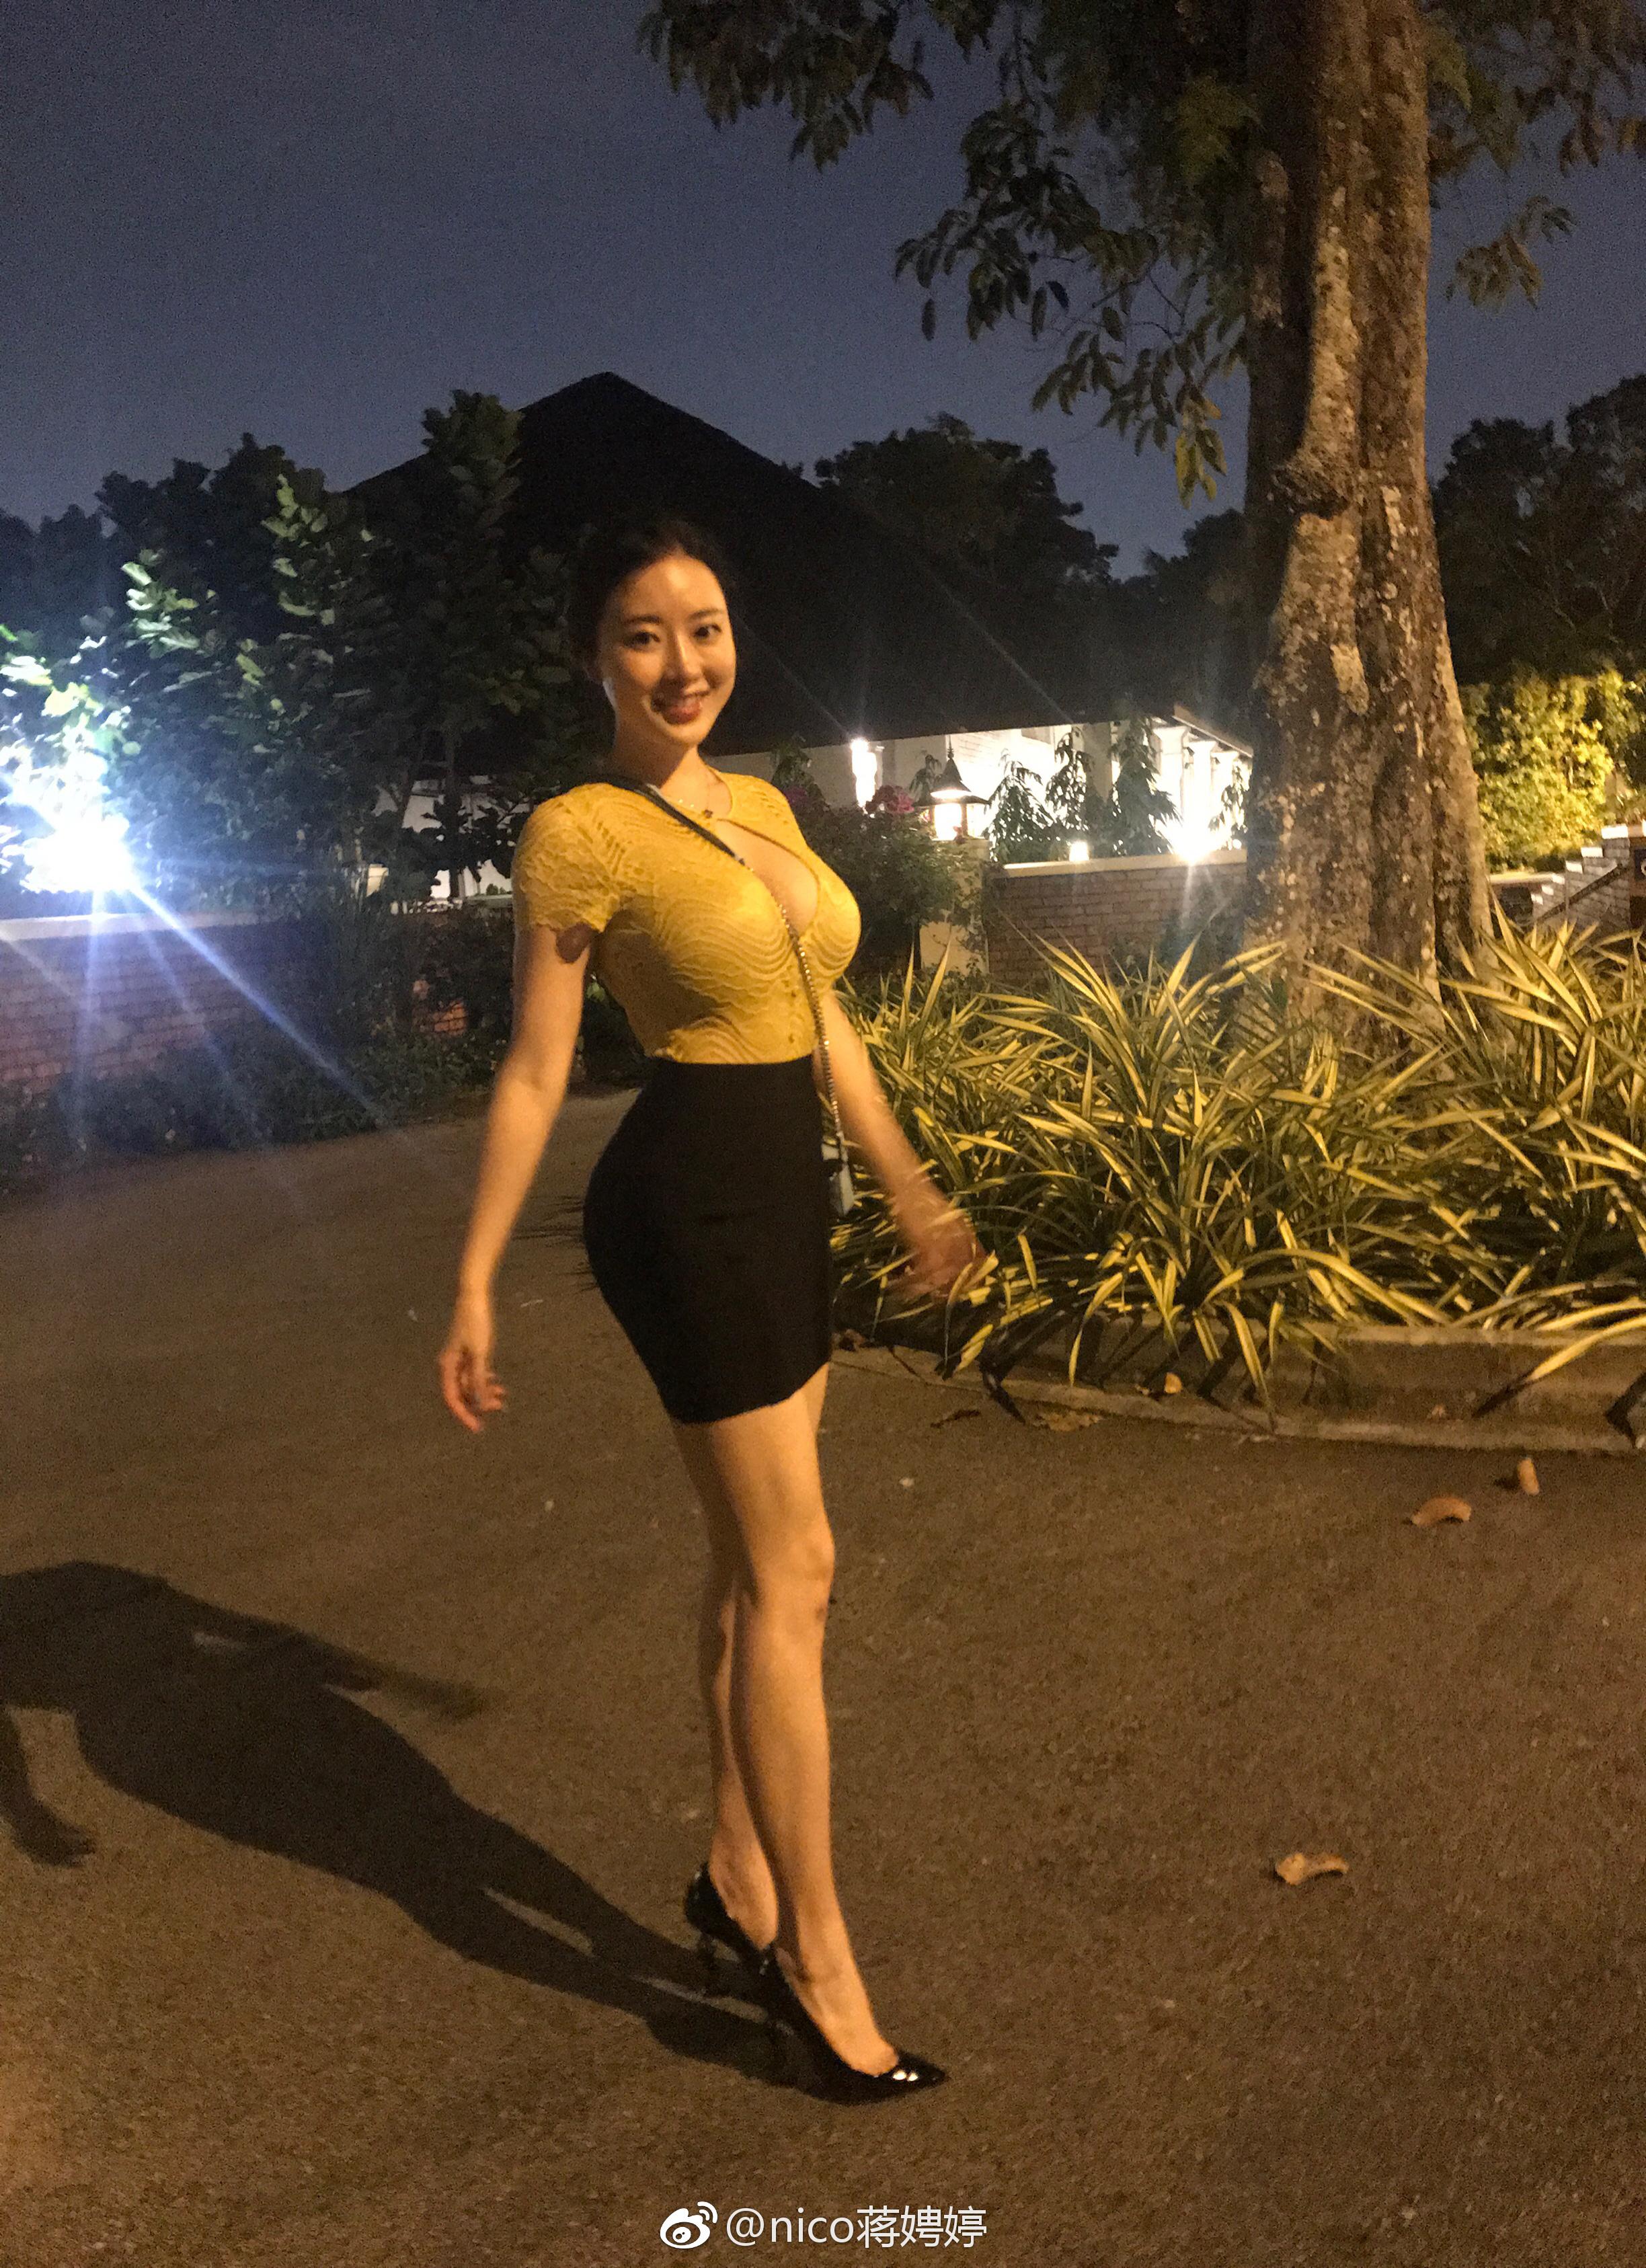 极品长发嫩模黑蕾丝情趣内衣@nico蒋娉婷 微博热搜 图13